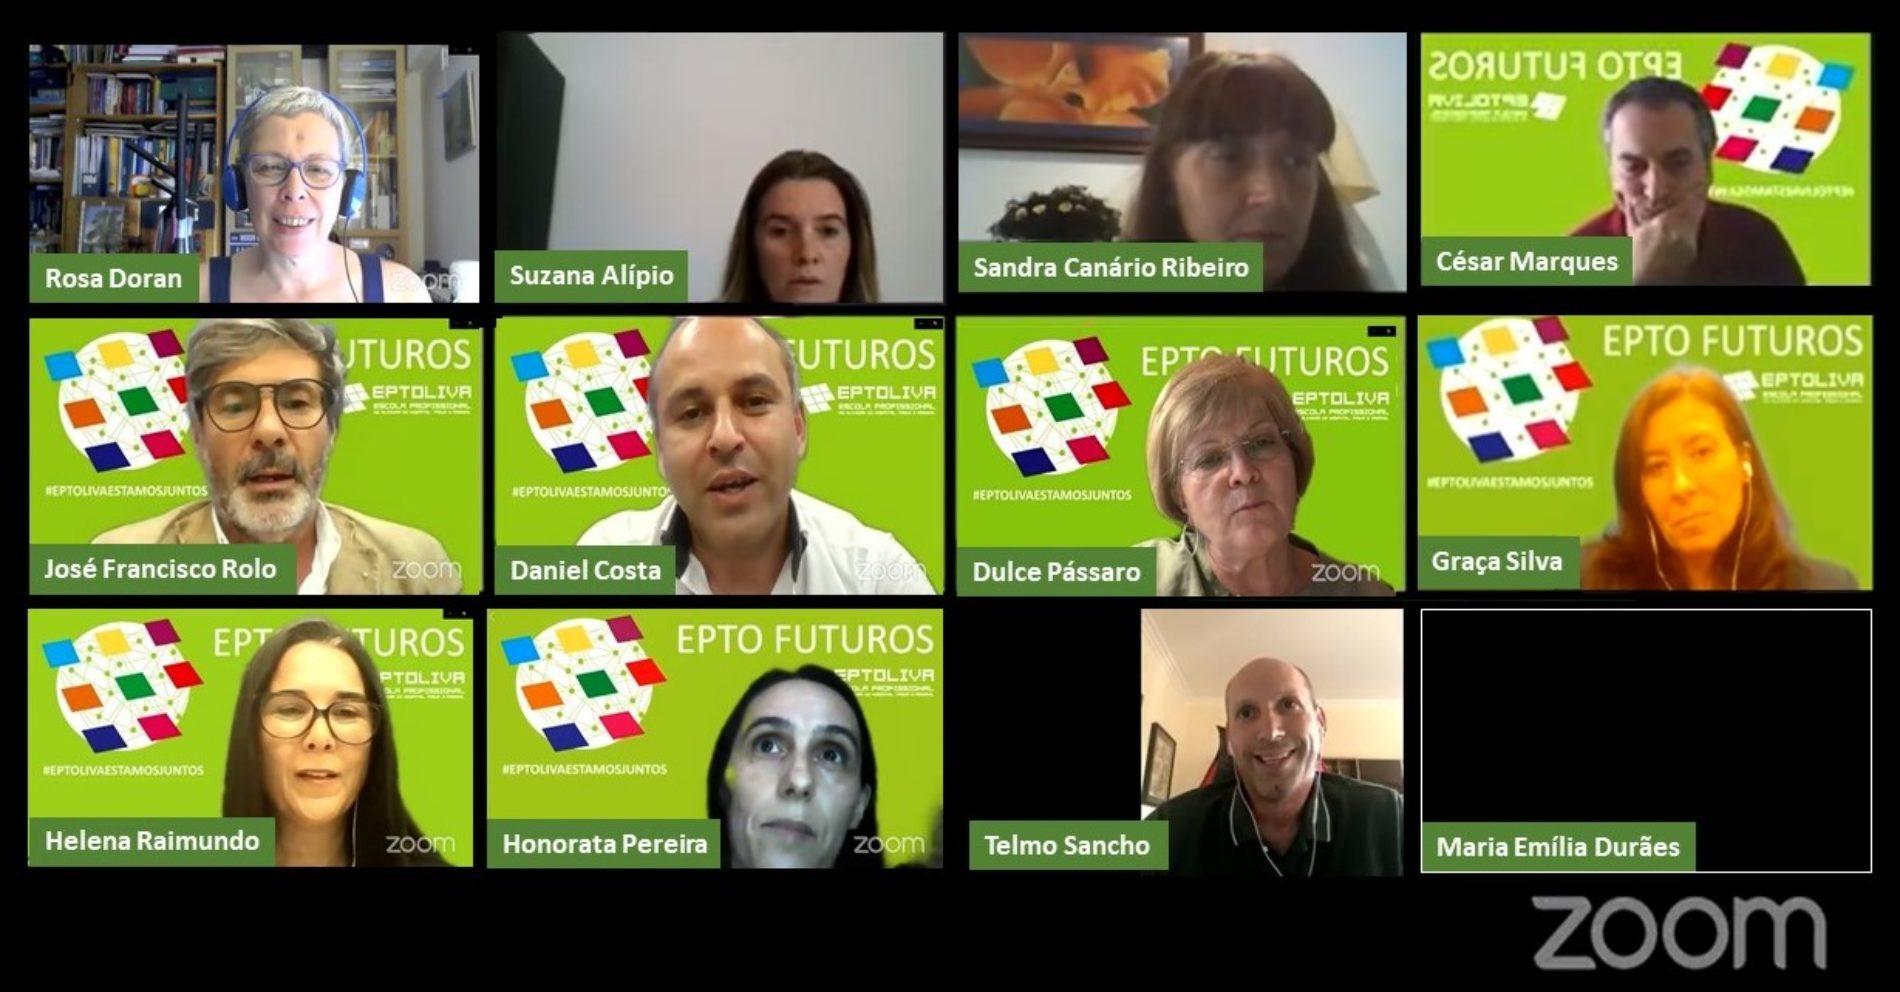 Design, Ciência e Informática marcaram ciclo de conferências EPTO FUTUROS promovidas pela EPTOLIVA